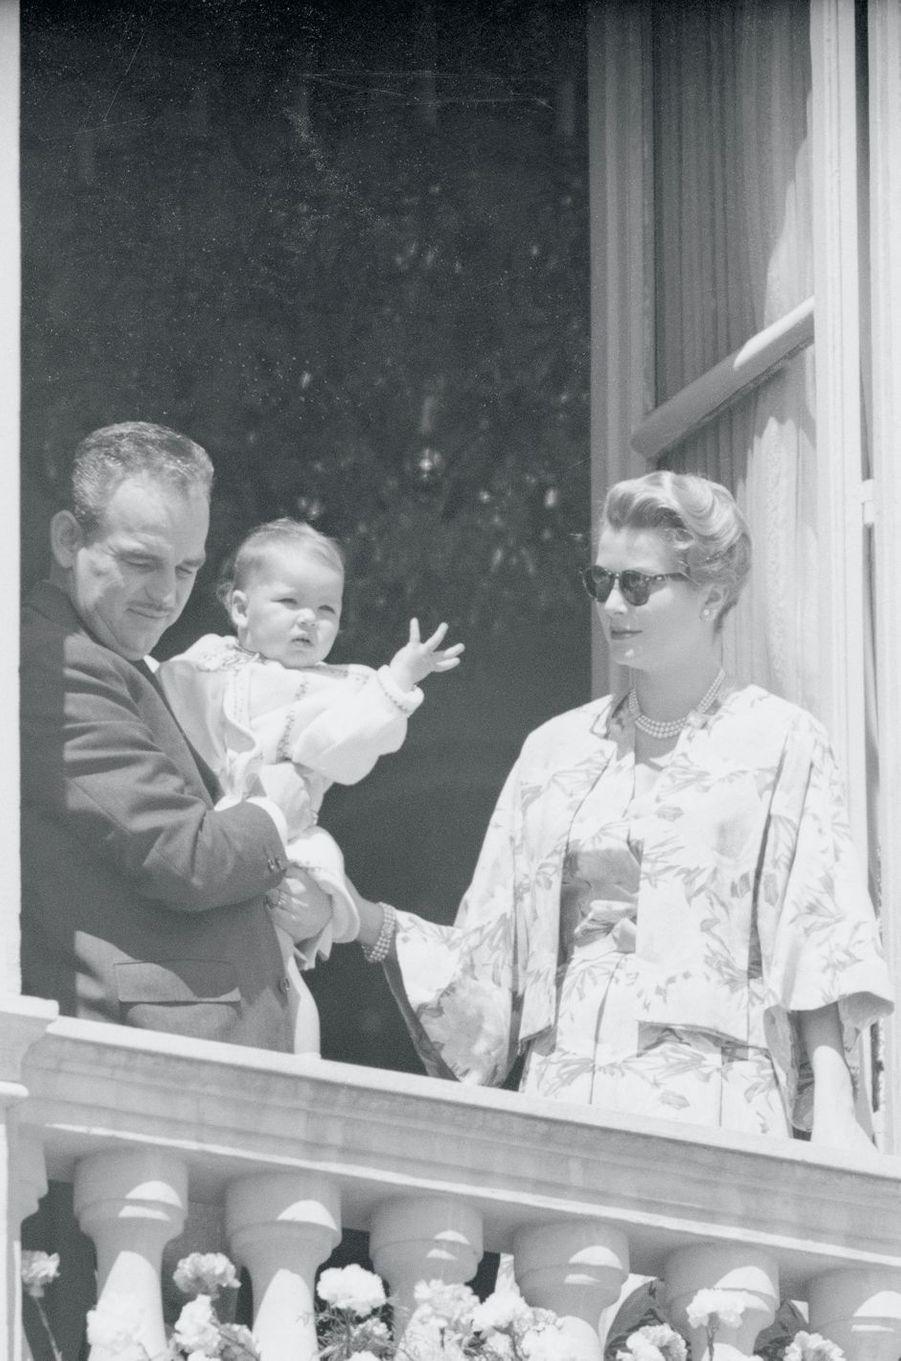 La princesse Caroline de Monaco avec ses parents le prince Rainier III et la princesse Grace, le 21 avril 1958